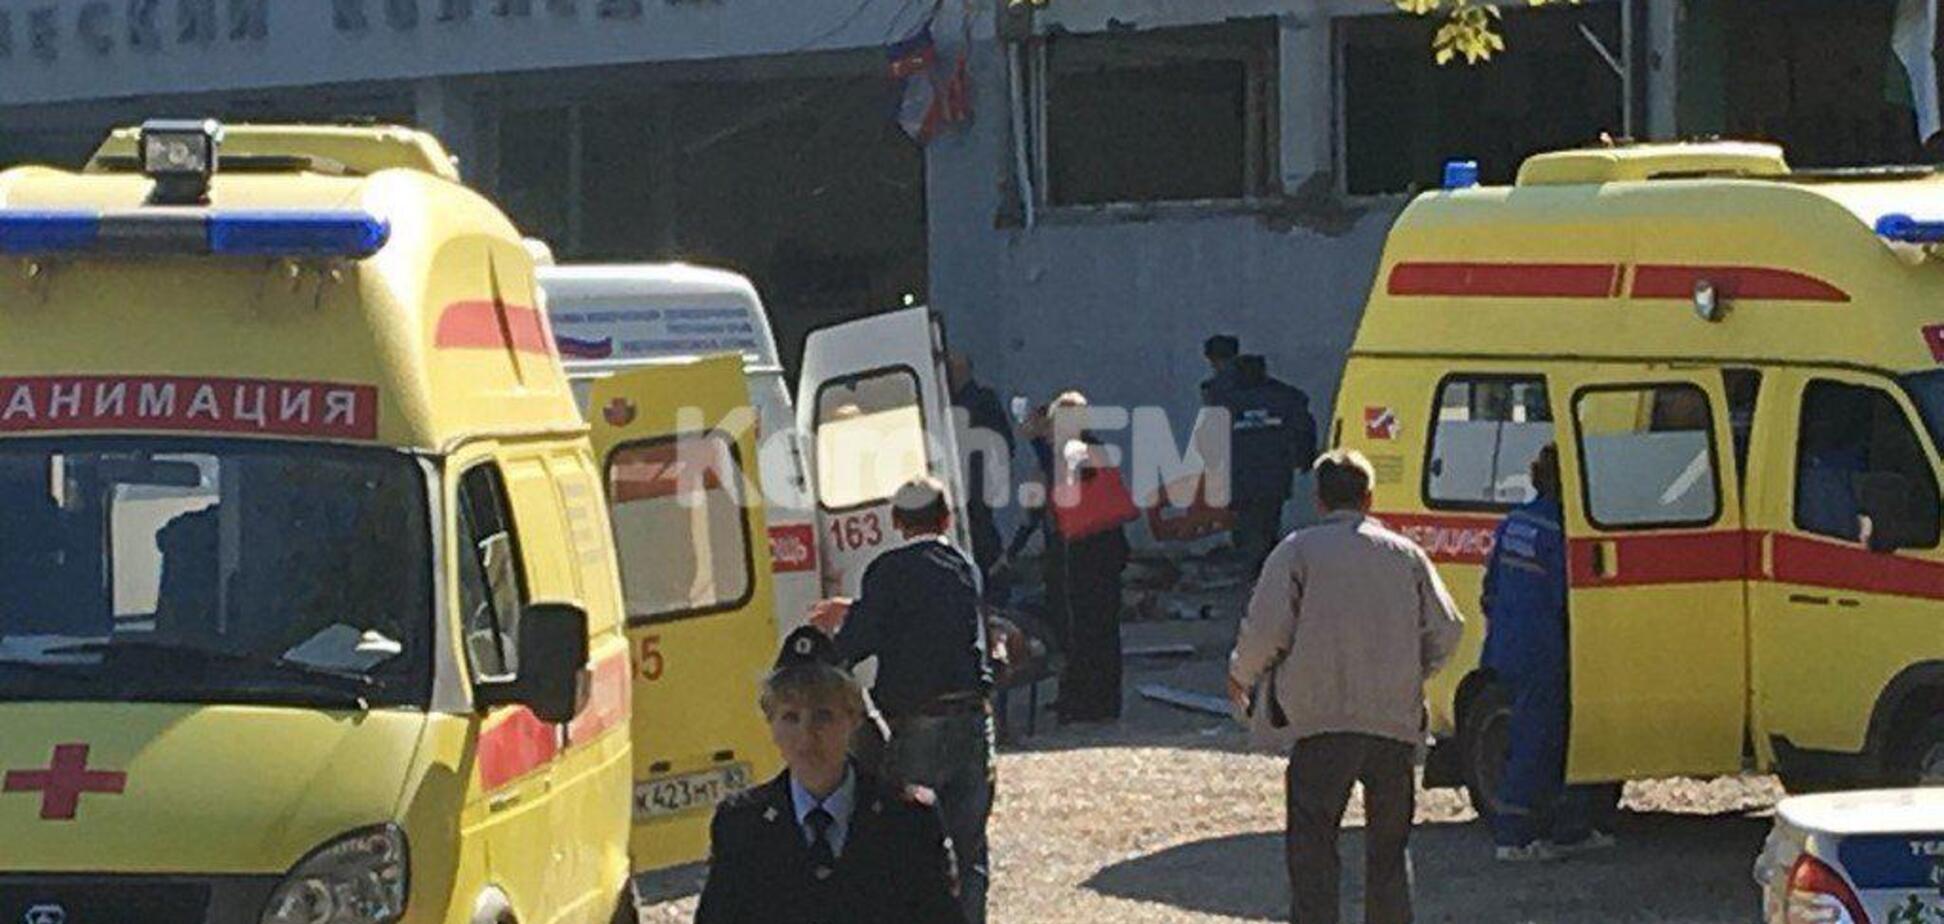 ''Як у Беслані!'Директор коледжу в Керчі розповіла деталі теракту